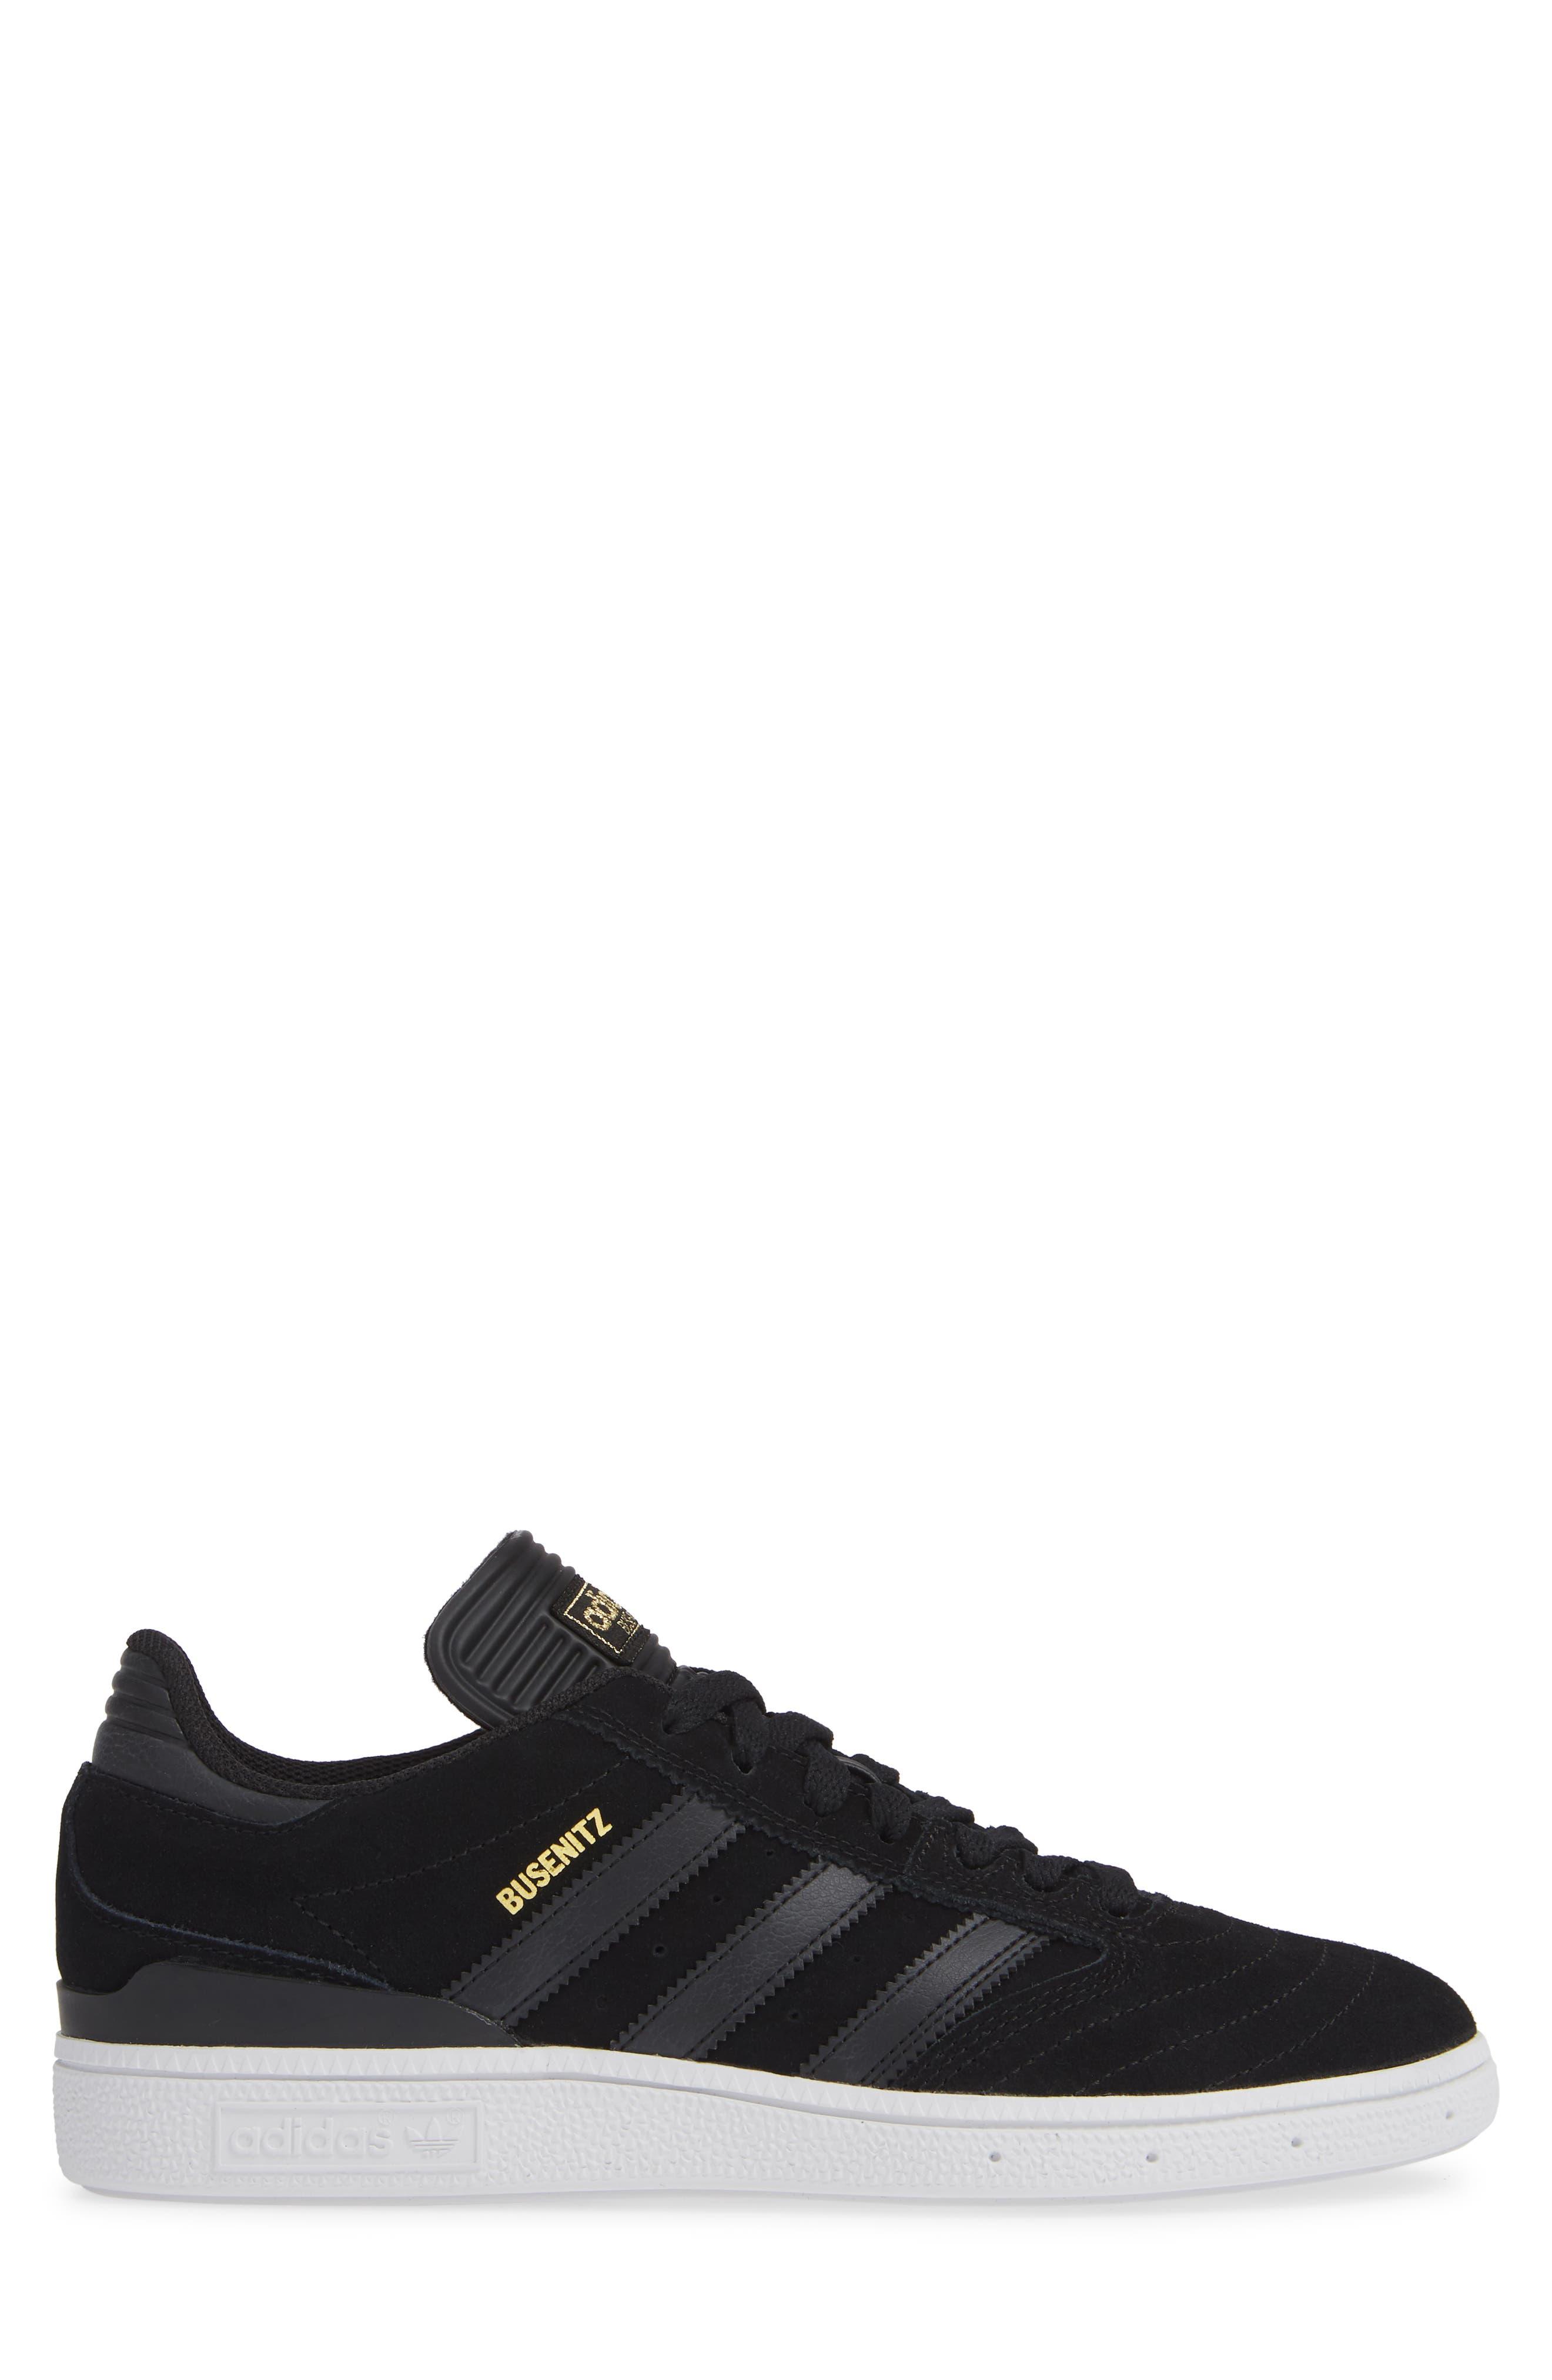 Busenitz Sneaker,                             Alternate thumbnail 3, color,                             BLACK/ BLACK/ WHITE